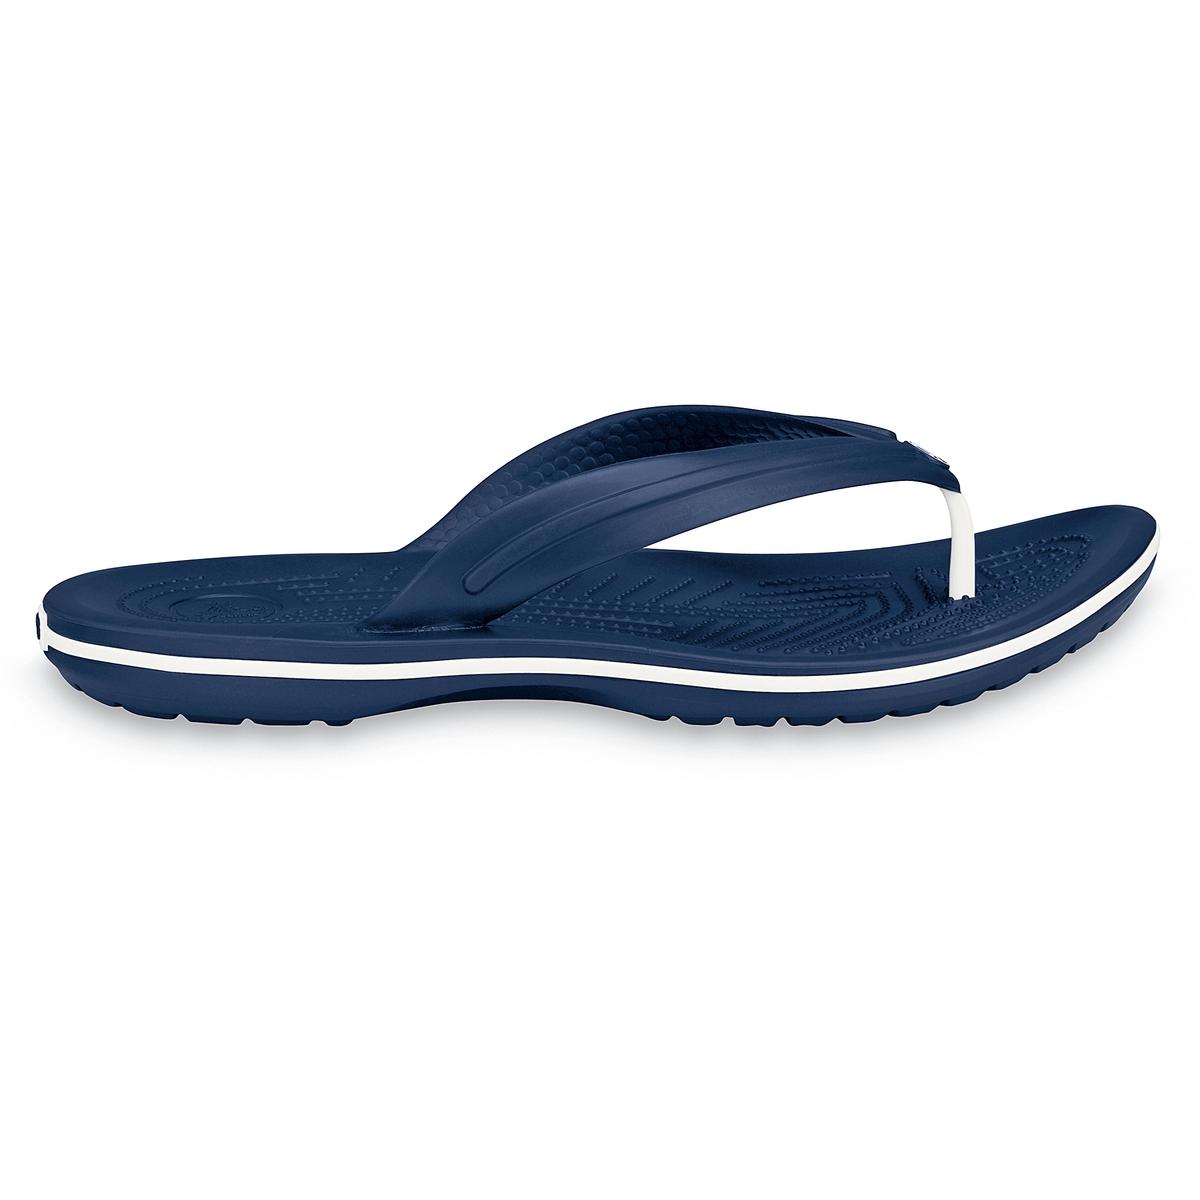 Вьетнамки La Redoute — Crocband Flip 42/43 синий